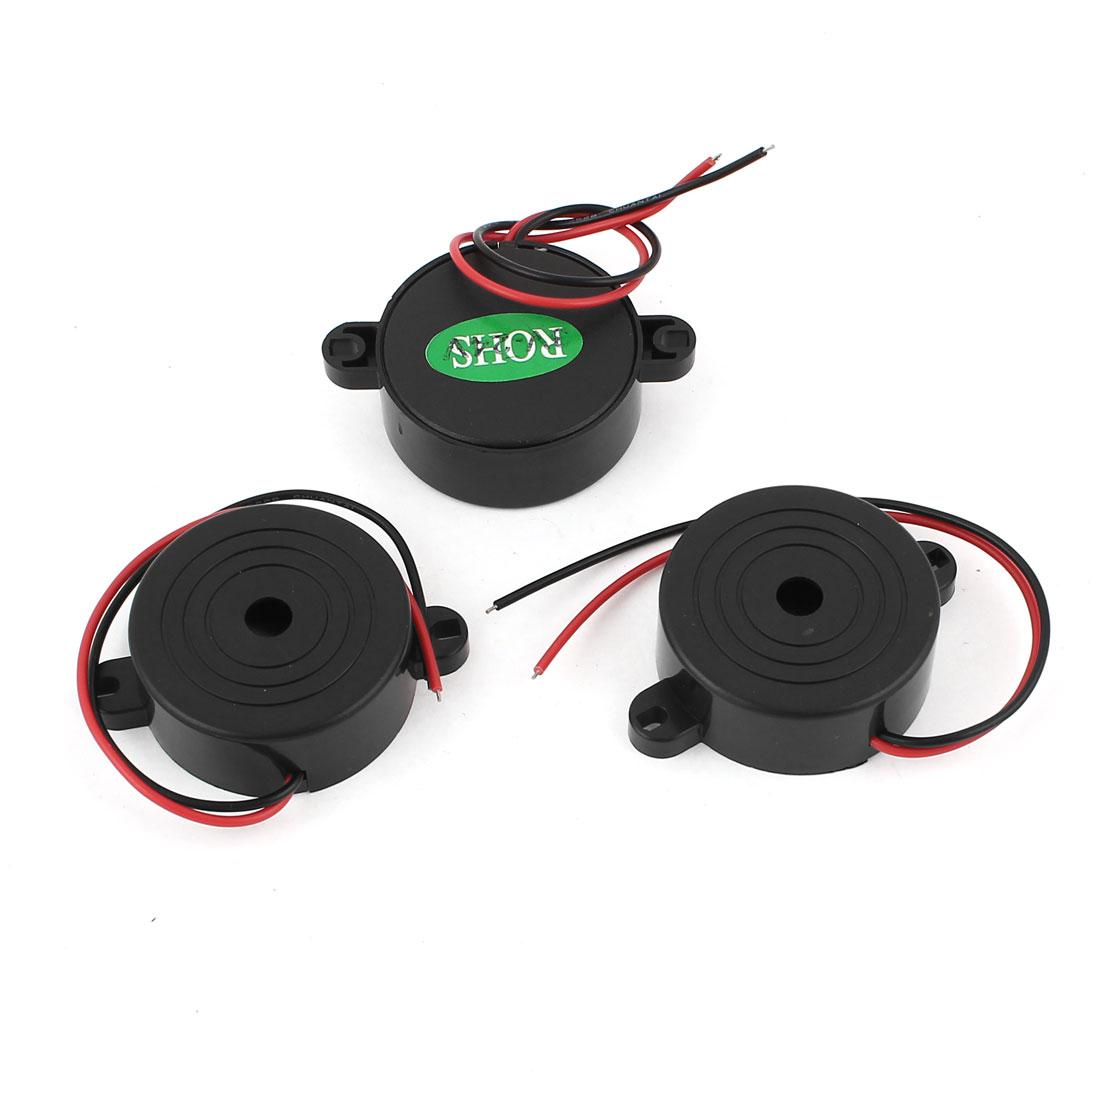 DC3-24V Industrial Continuous Sound Electronic Alarm Buzzer Black 3 Pcs